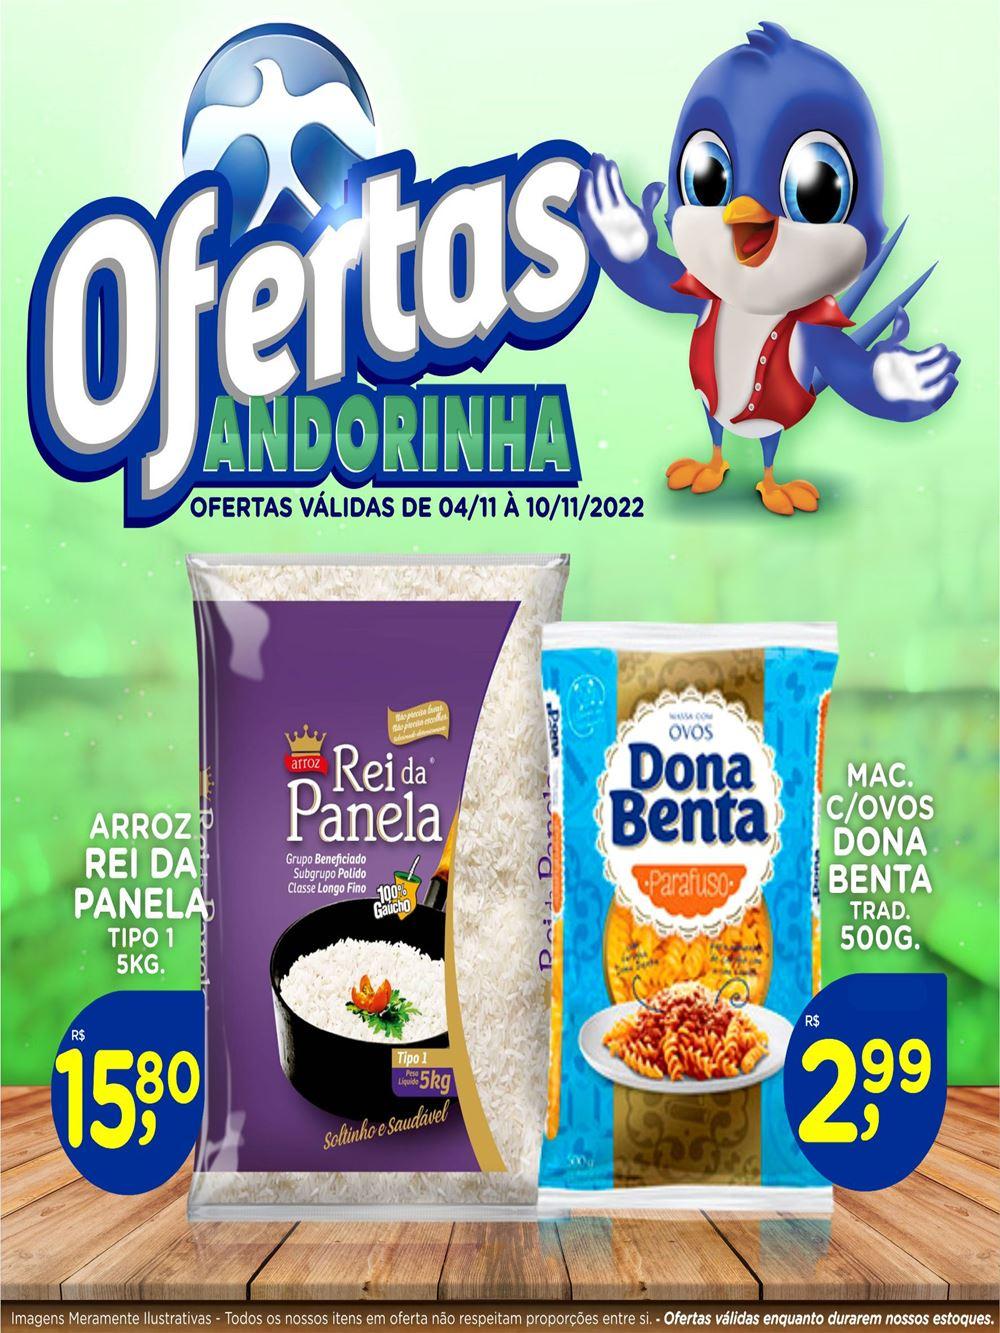 andorinha-ofertas-descontos-hoje1-24 São Paulo